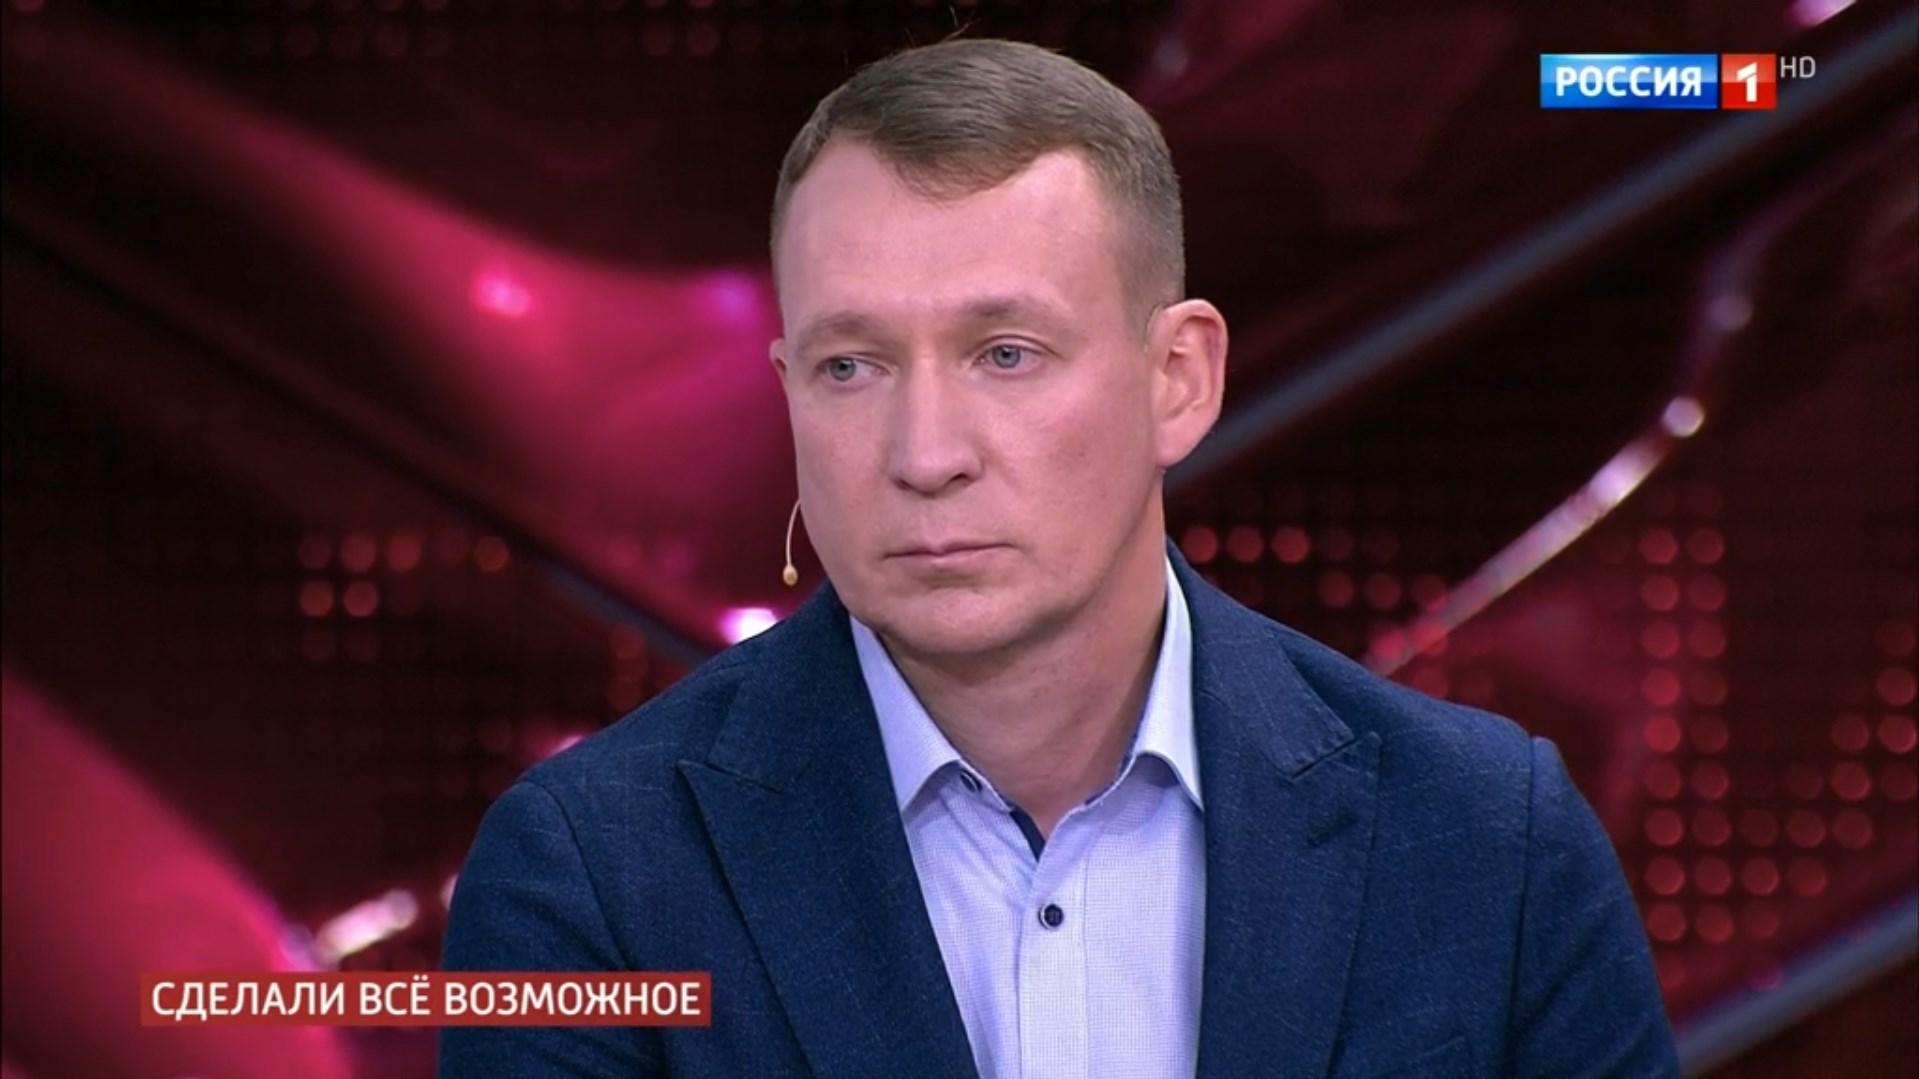 Врач Дмитрий Некрасов прилетел в Москву из Тюмени, чтобы рассказать, как проходило лечение и какие меры приняты